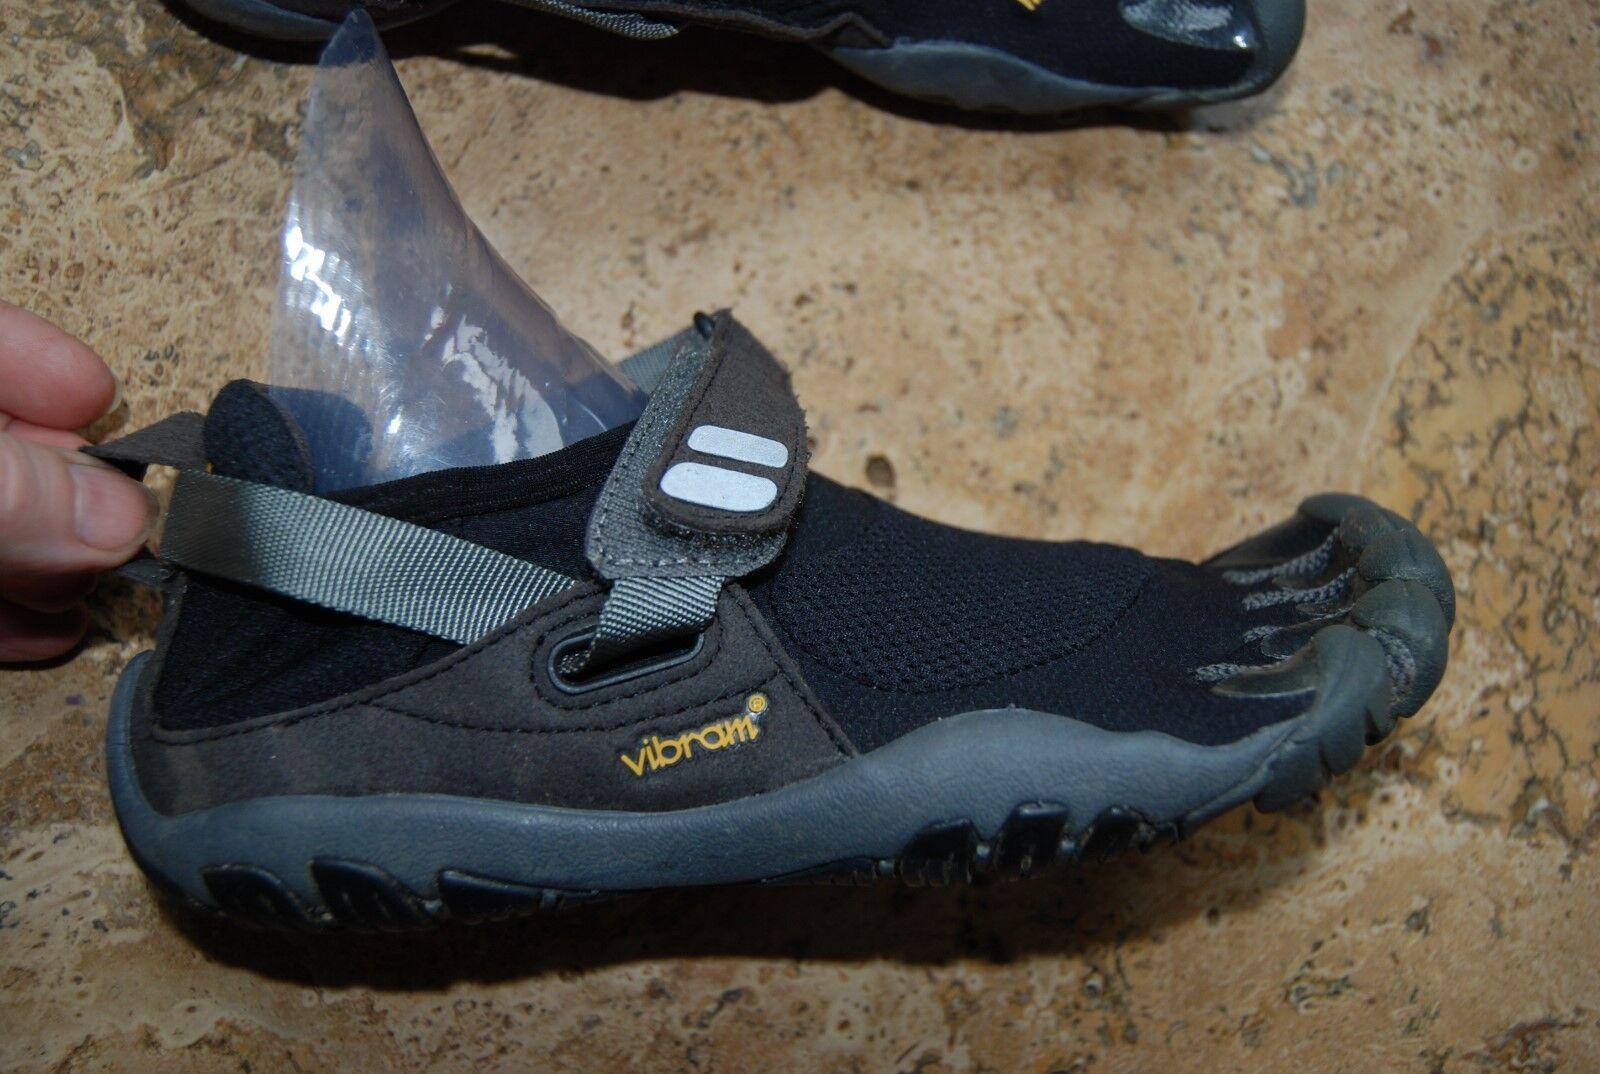 Noir  & Gris  vibram cinq doigts w4485 us chaussures us w4485 6.5 7c5db2